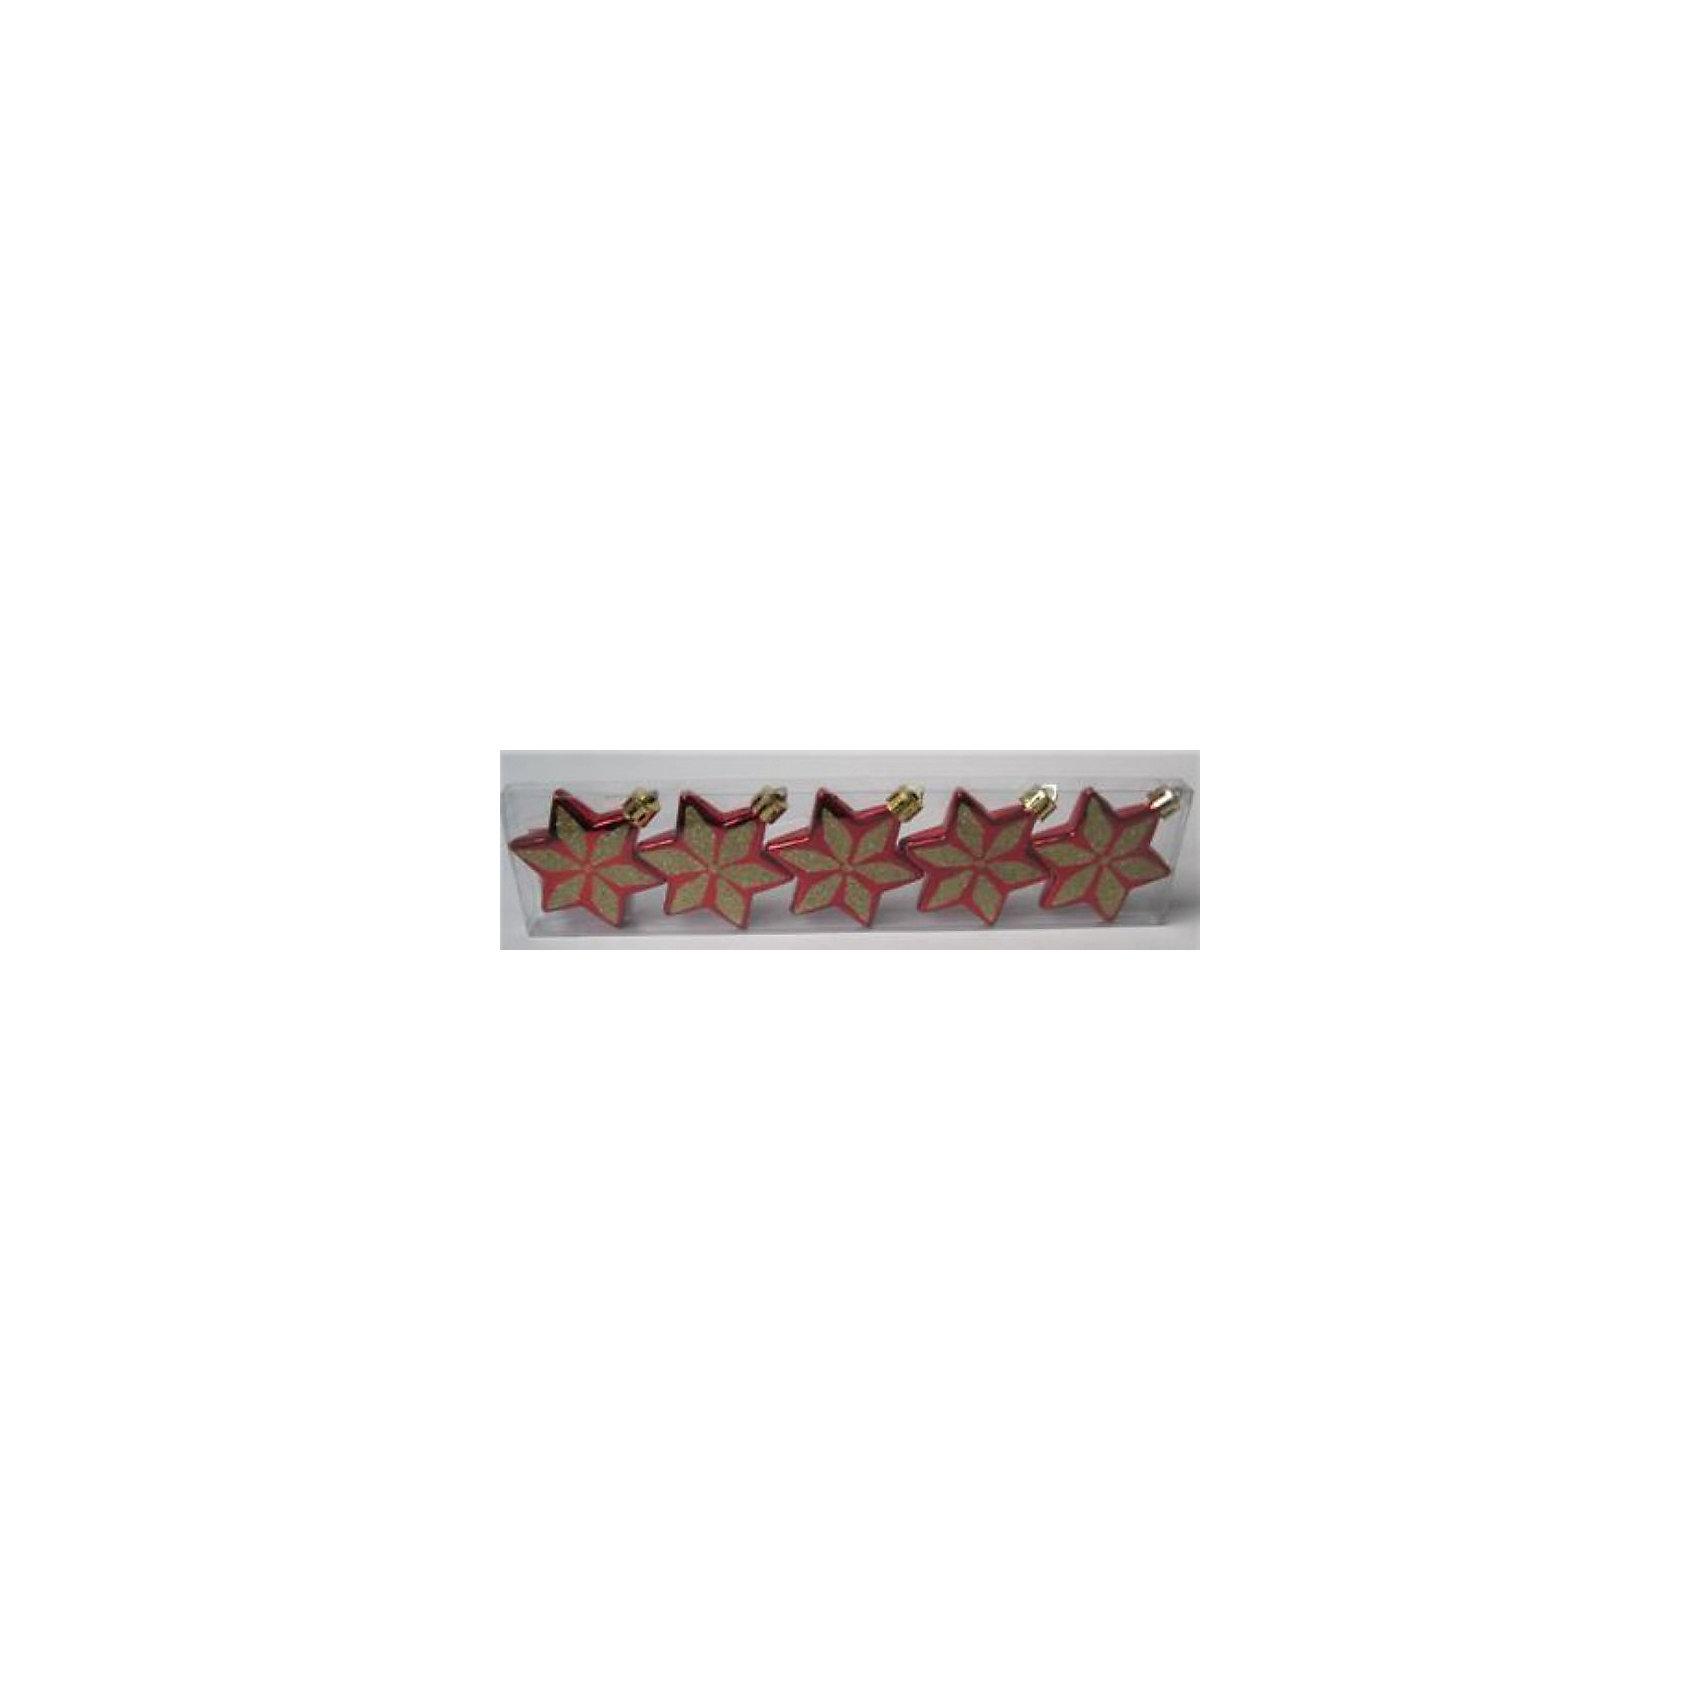 Феникс-Презент Новогоднее подвесное украшение - набор 5 штук (пластик красный) новогоднее подвесное украшение собака ф21 1716